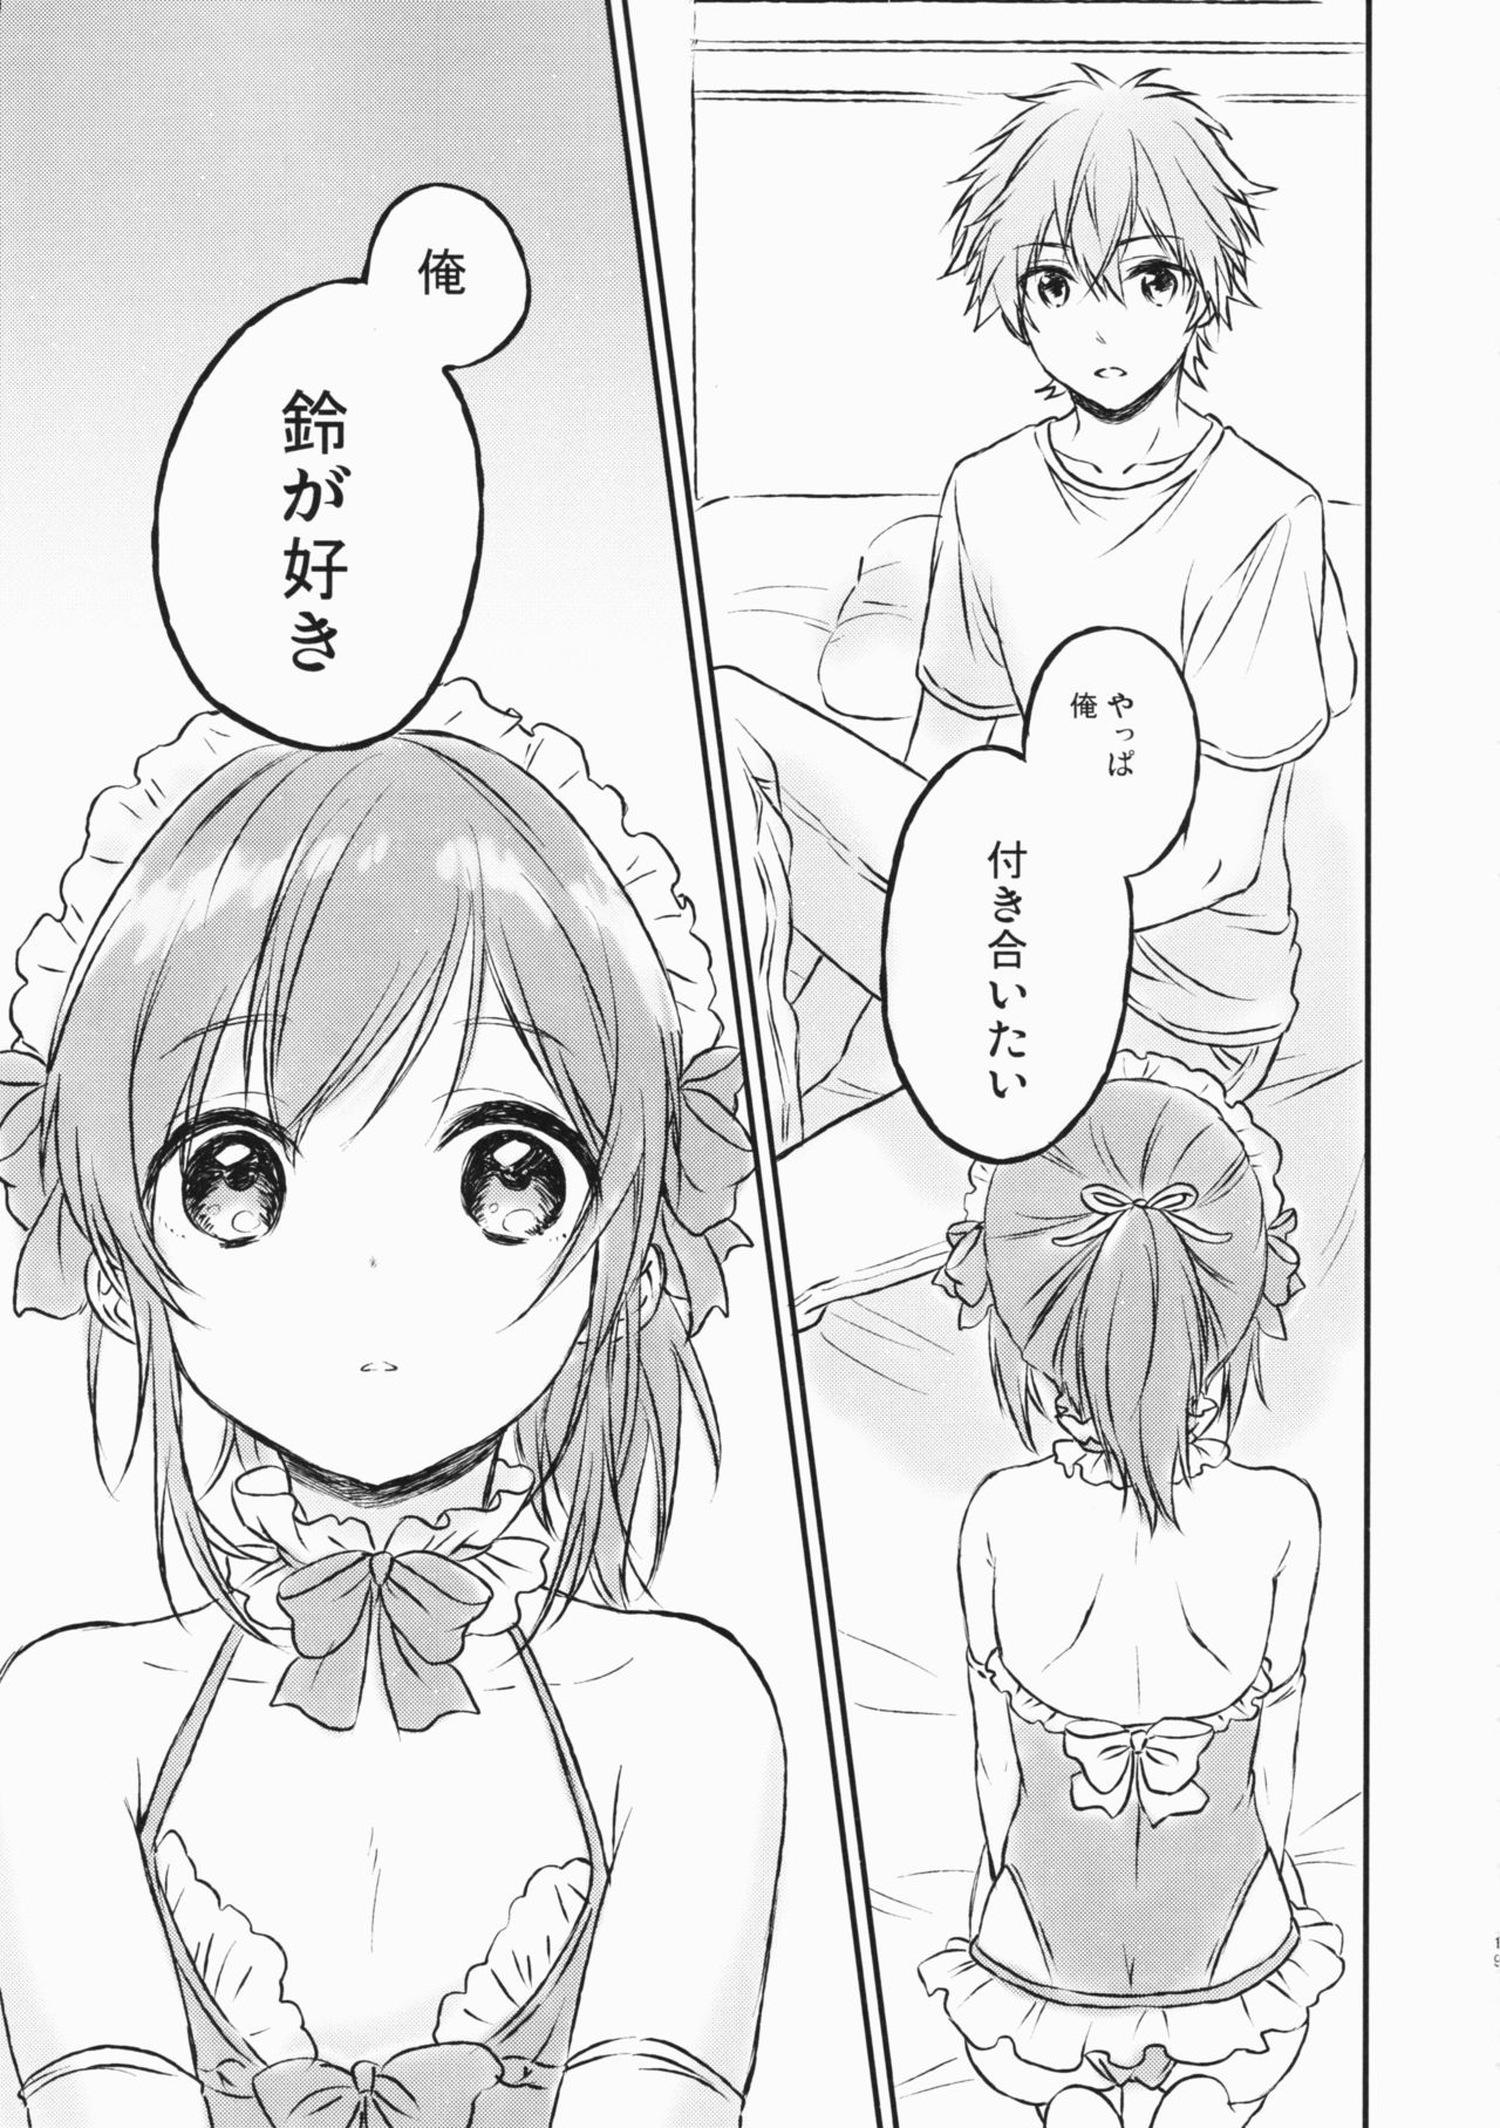 ポニーテールの女装男子とイチャラブセックスwww【エロ漫画・エロ同人】 (18)